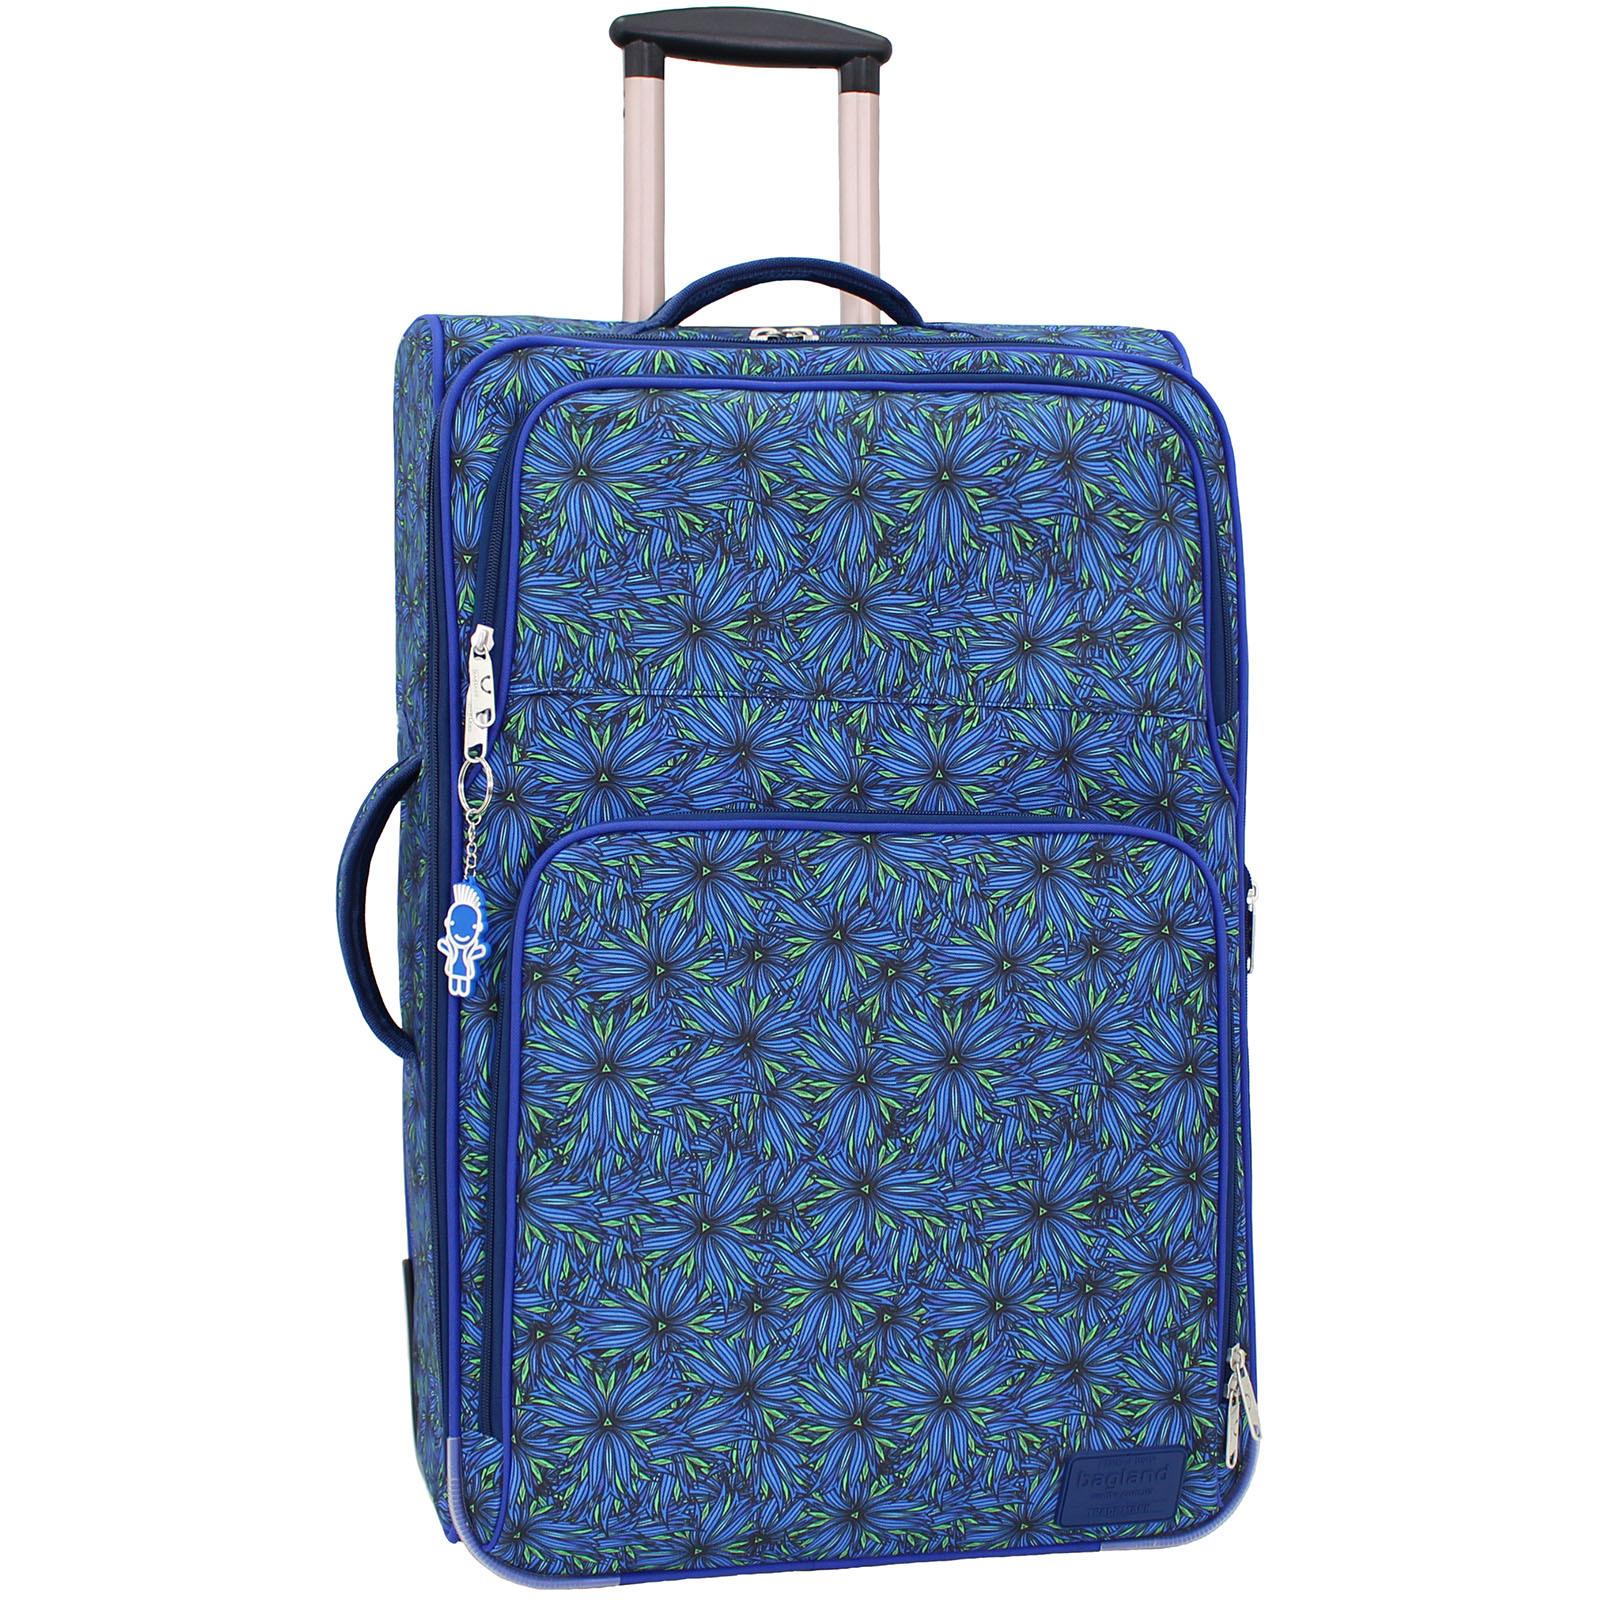 Дорожные чемоданы Чемодан Bagland Леон большой дизайн 70 л. сублимация (40) (0037666274) IMG_7917.JPG